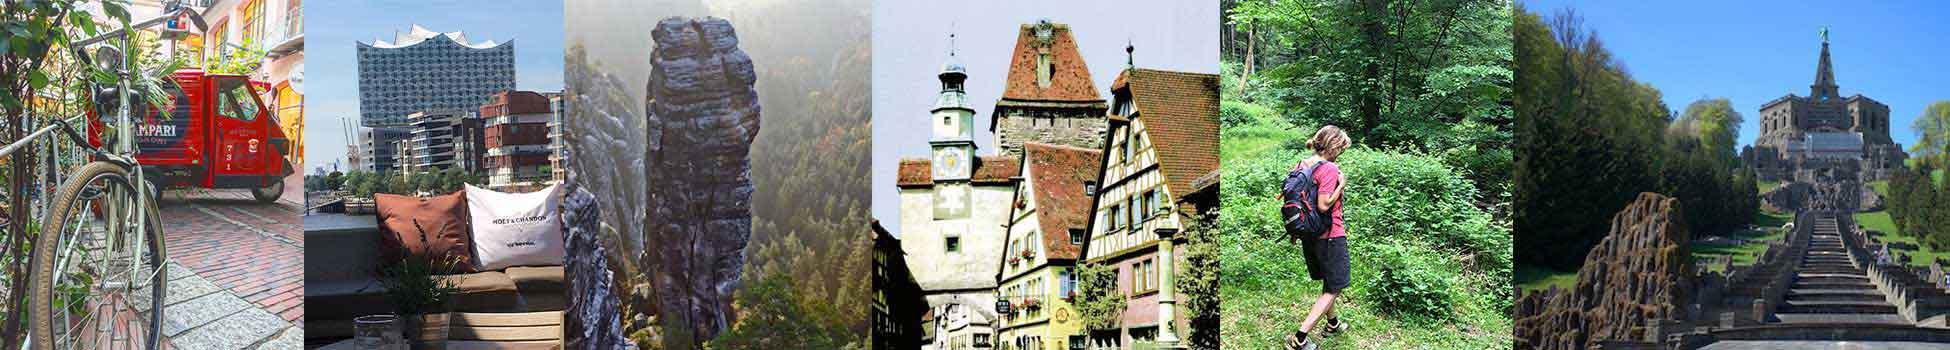 Gleisnost Deutschland Reisetips